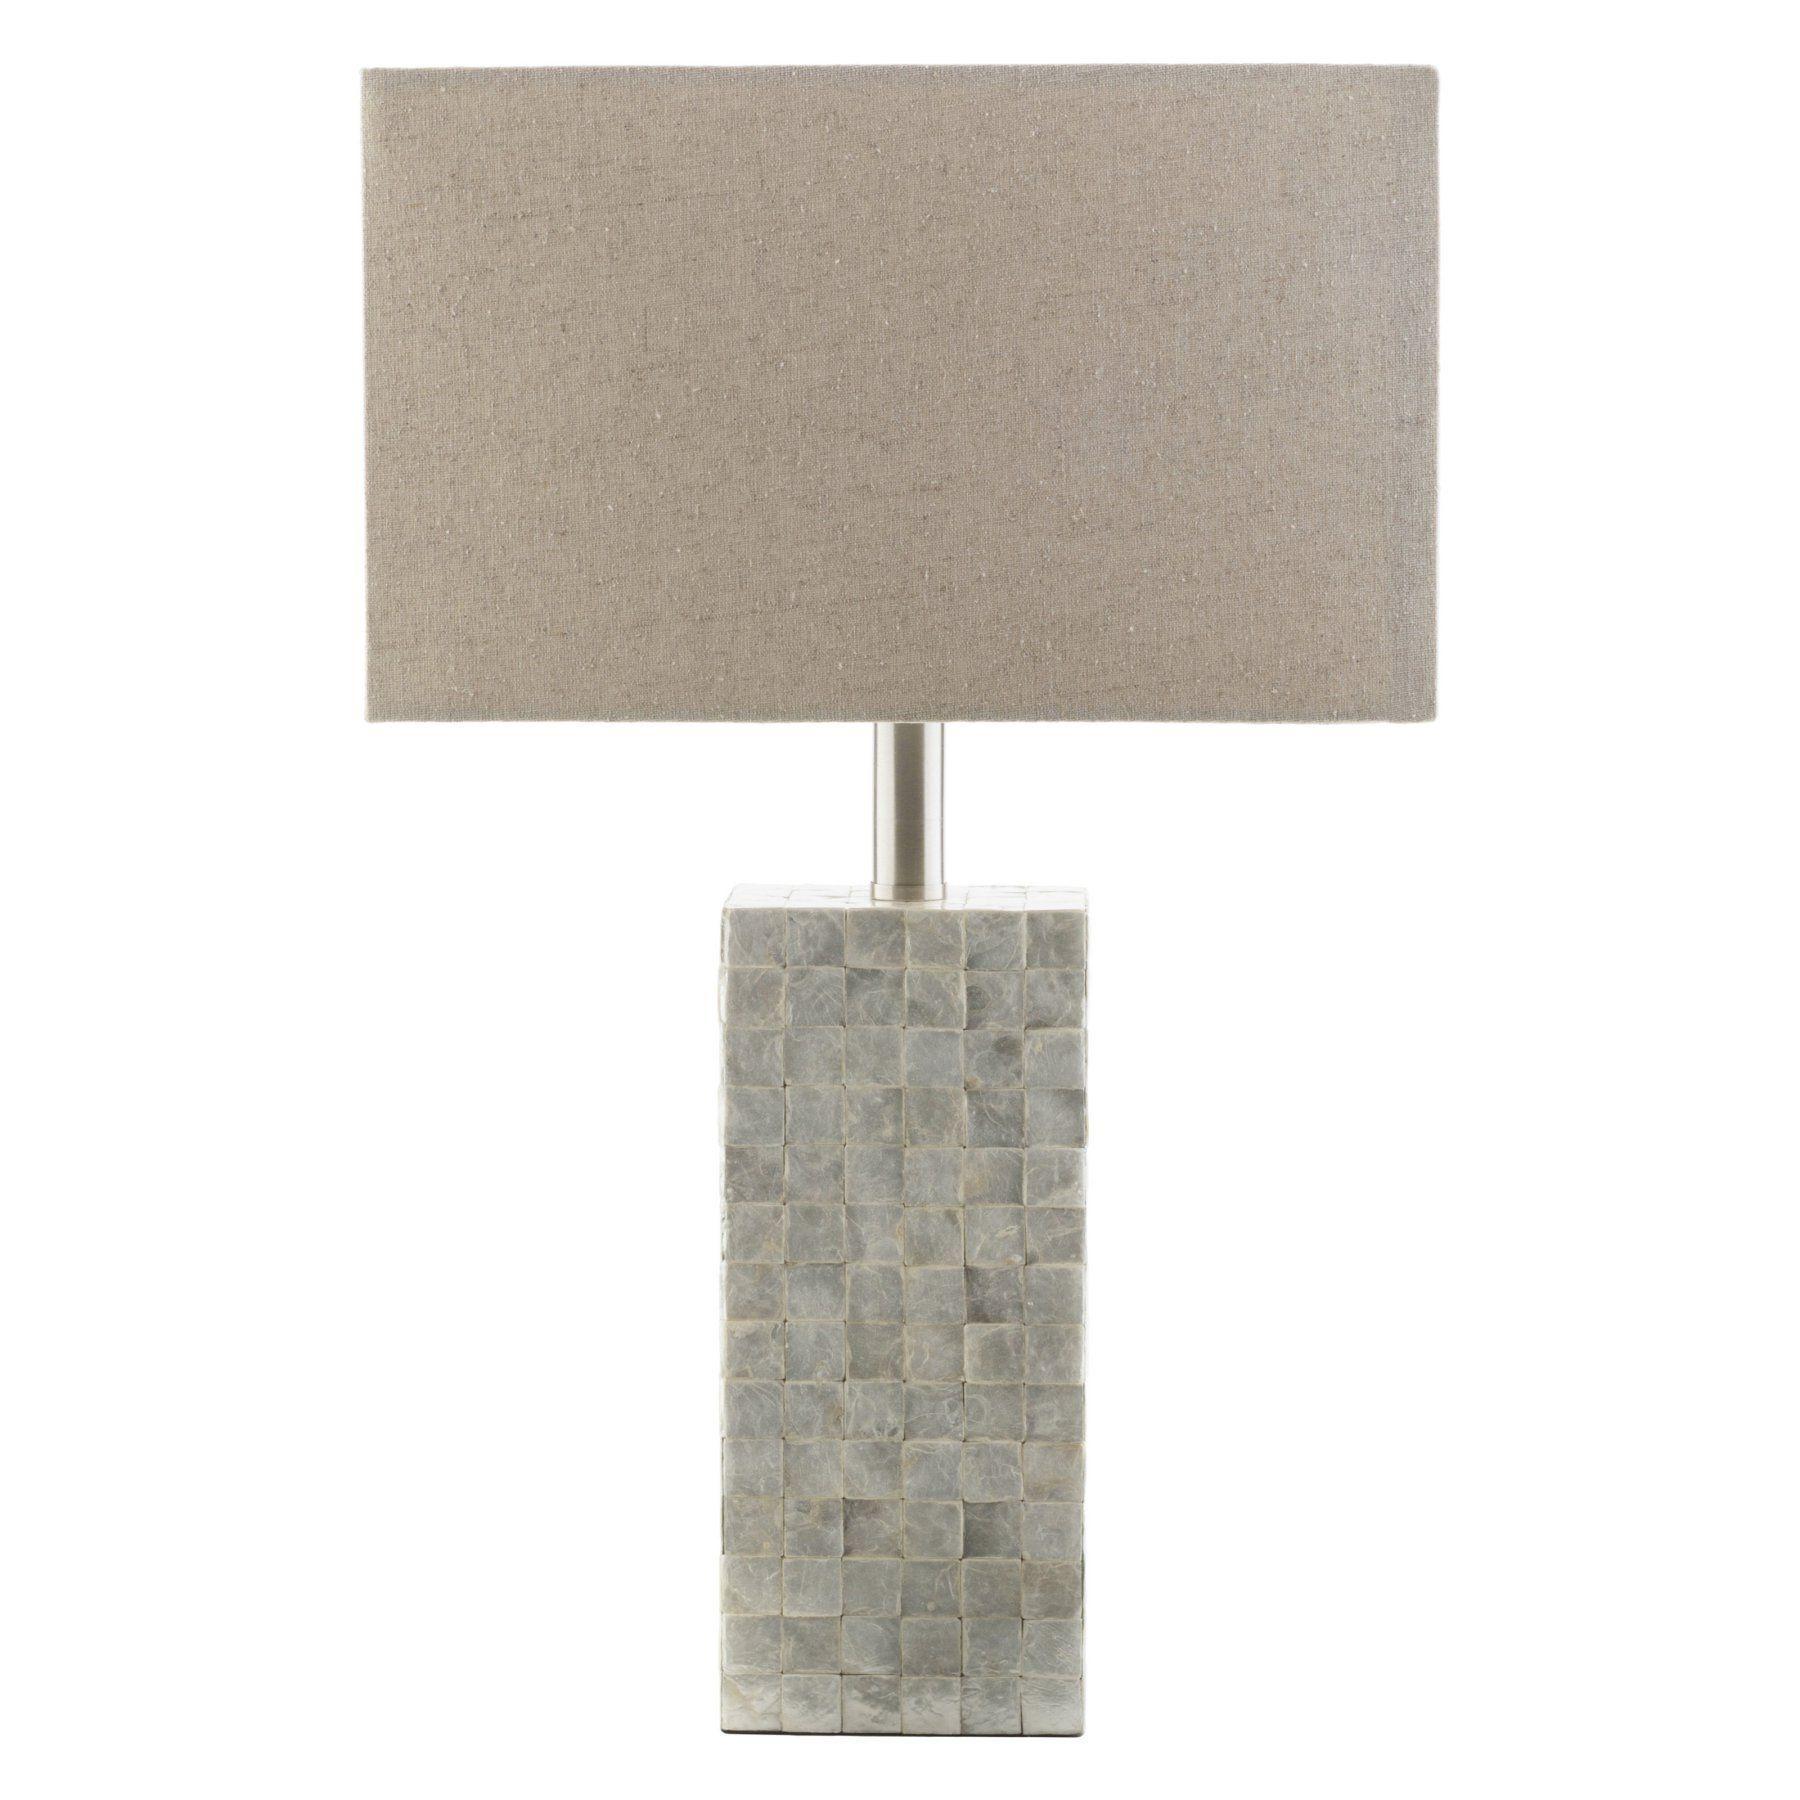 Surya Landon Table Lamp - LDLP-002